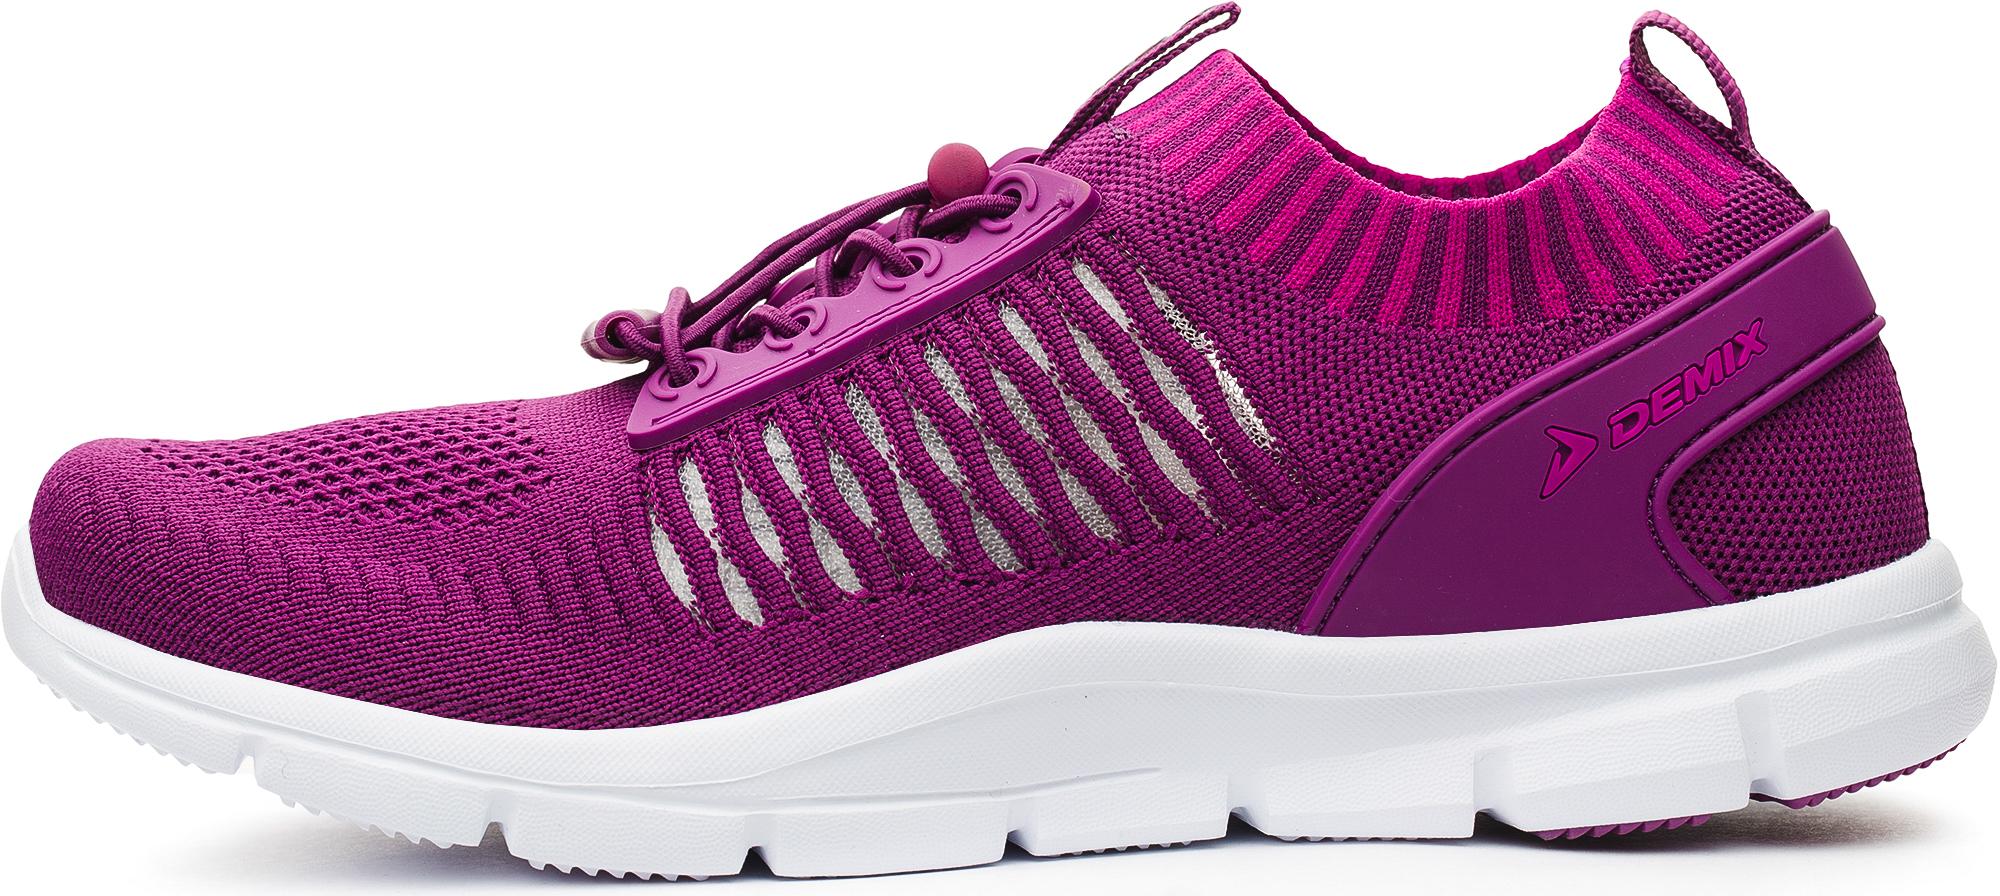 цена Demix Кроссовки для девочек Demix Pull, размер 38 онлайн в 2017 году